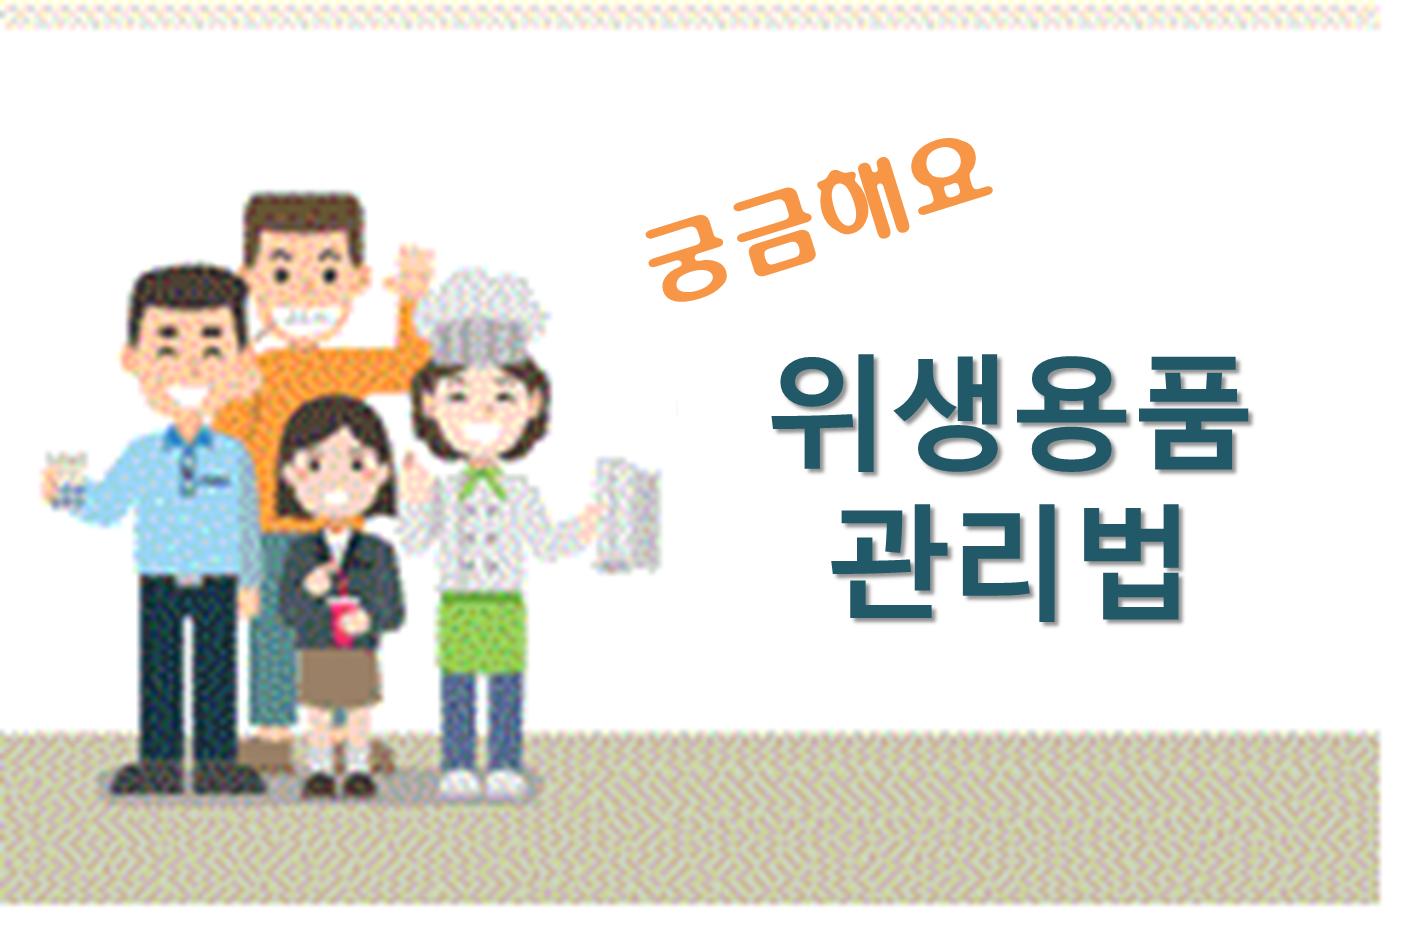 위생용품 안전관리